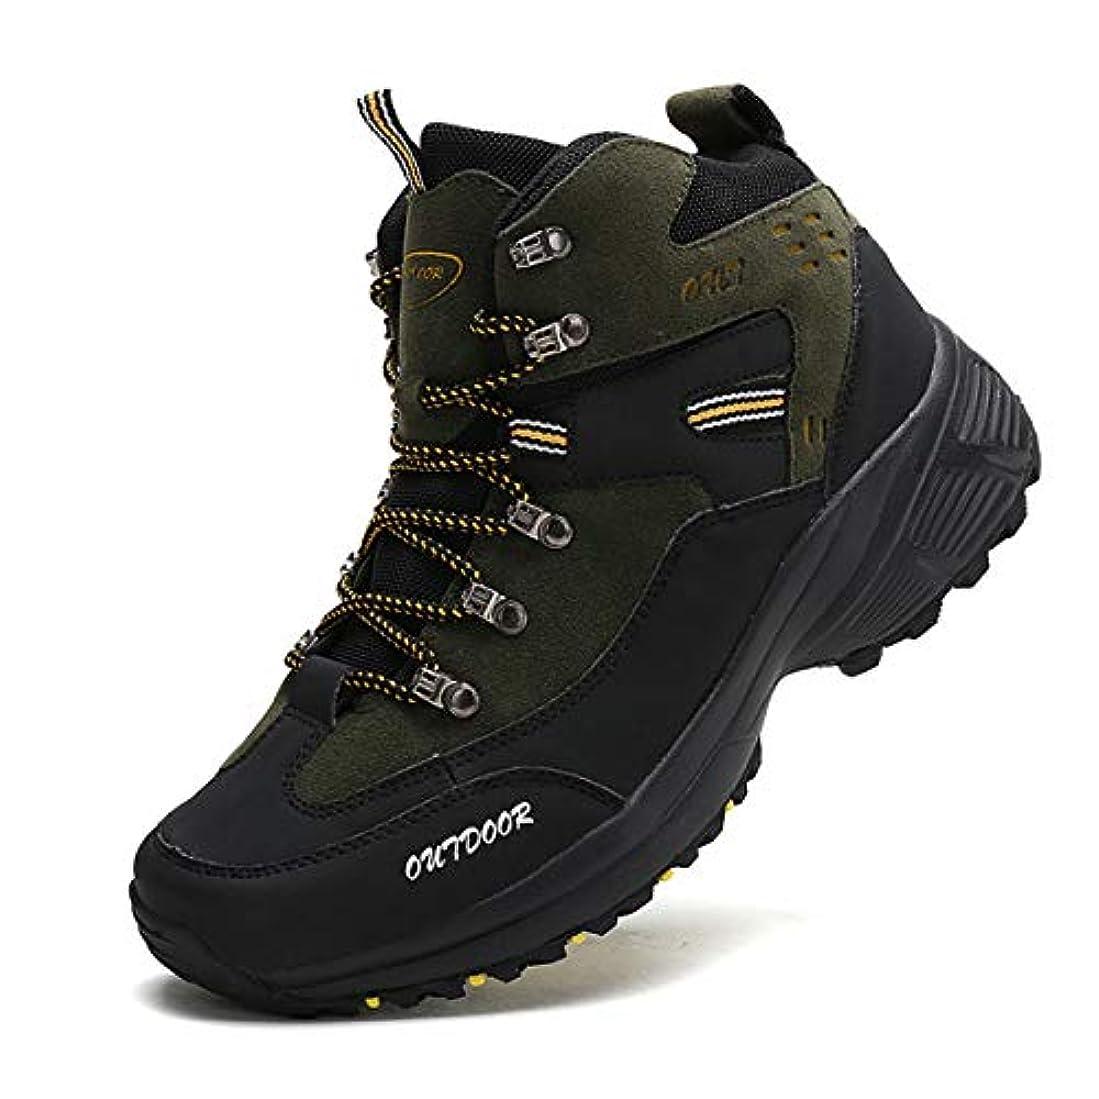 テンポ辛な熟達した[RDGO] メンズ ハイキングシューズ トレッキングブーツ 登山靴 アウトドアシューズ 防滑 牛革 ローカット ウォーキングシューズ 防水 大きいサイズ 幅広 スニーカー